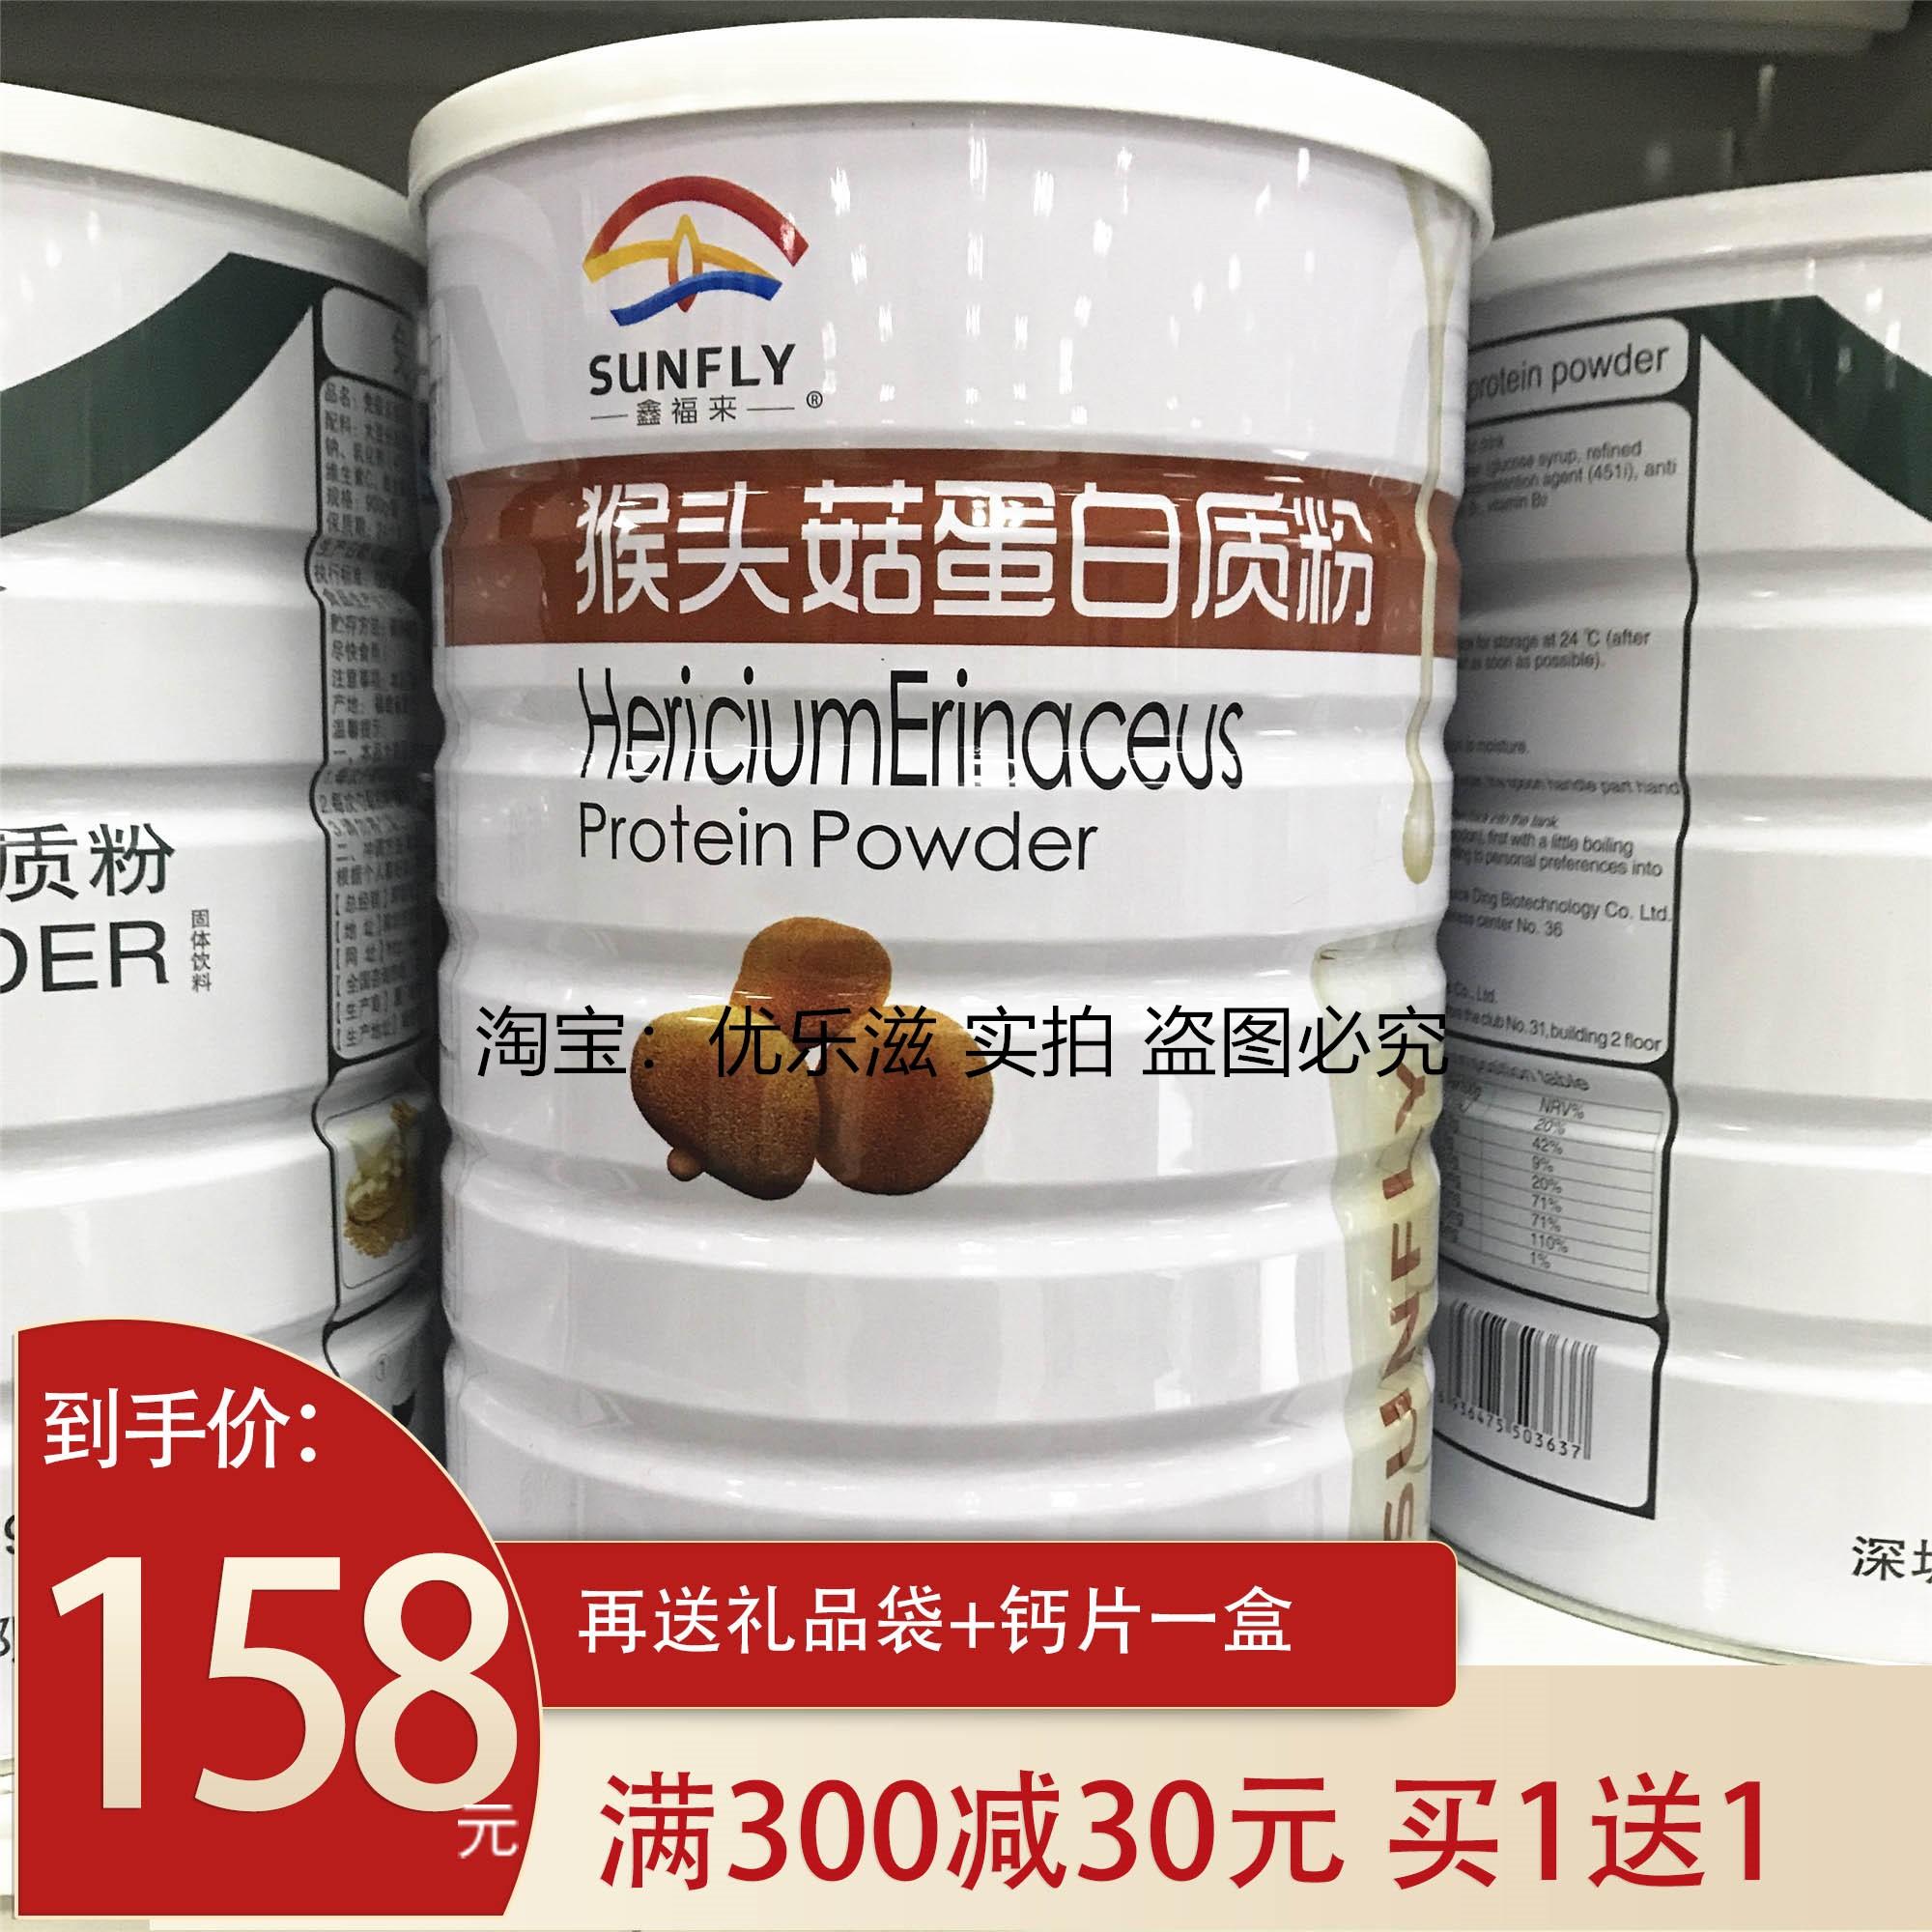 买一罐送一罐 鑫福来猴头菇蛋白质粉 1千克 免疫多维肠胃营养品